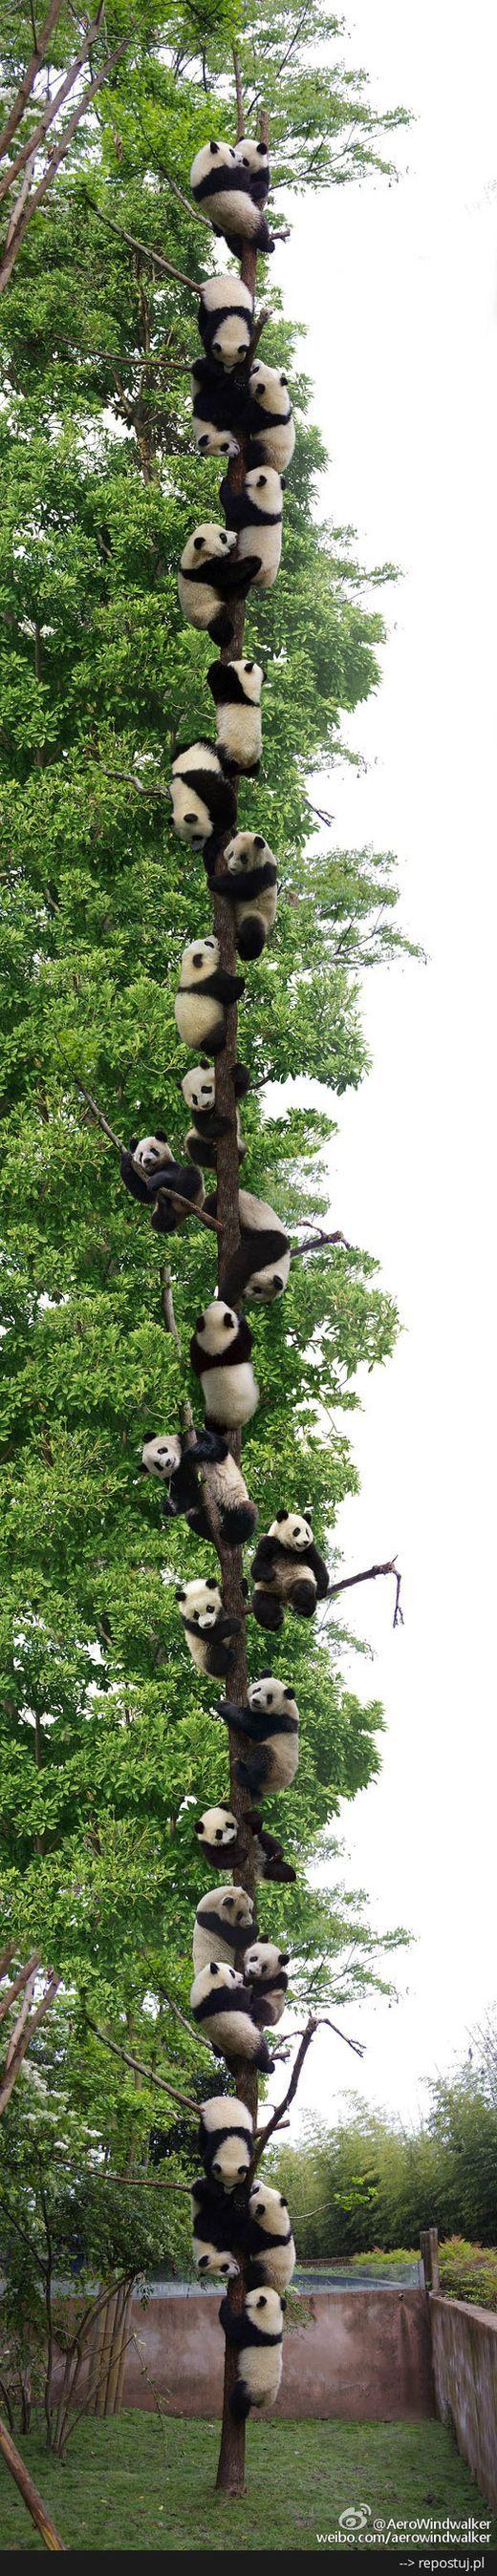 panda tree:-))